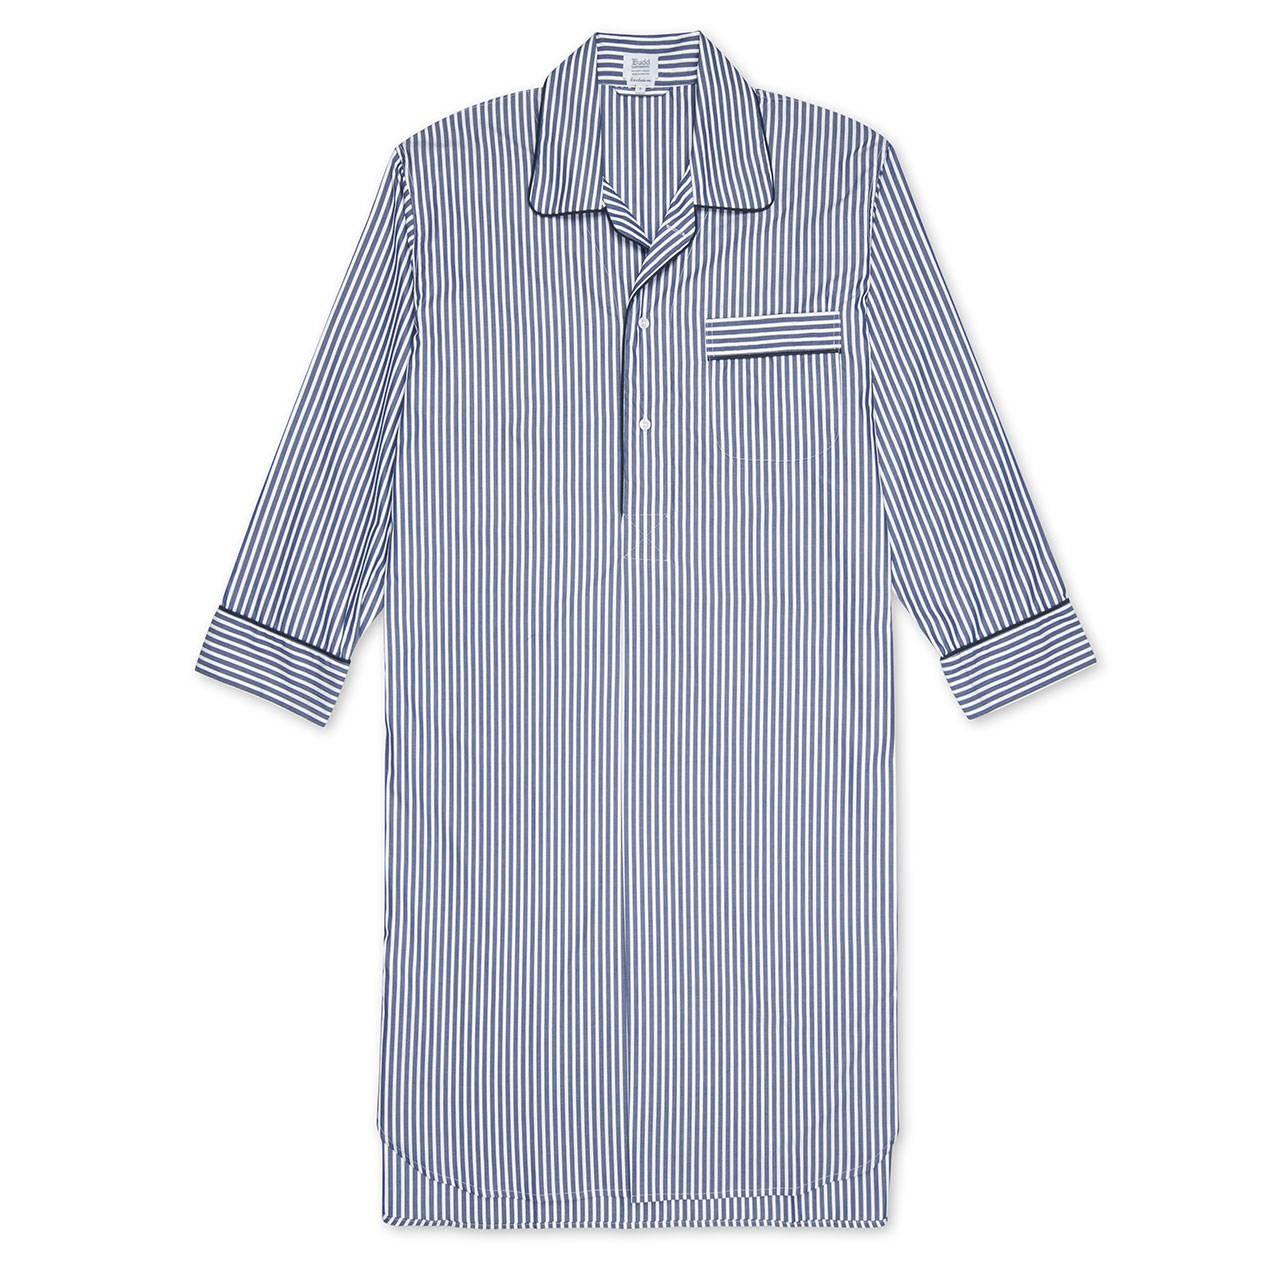 Budd Exclusive Stripe Cotton Nightshirt in Navy